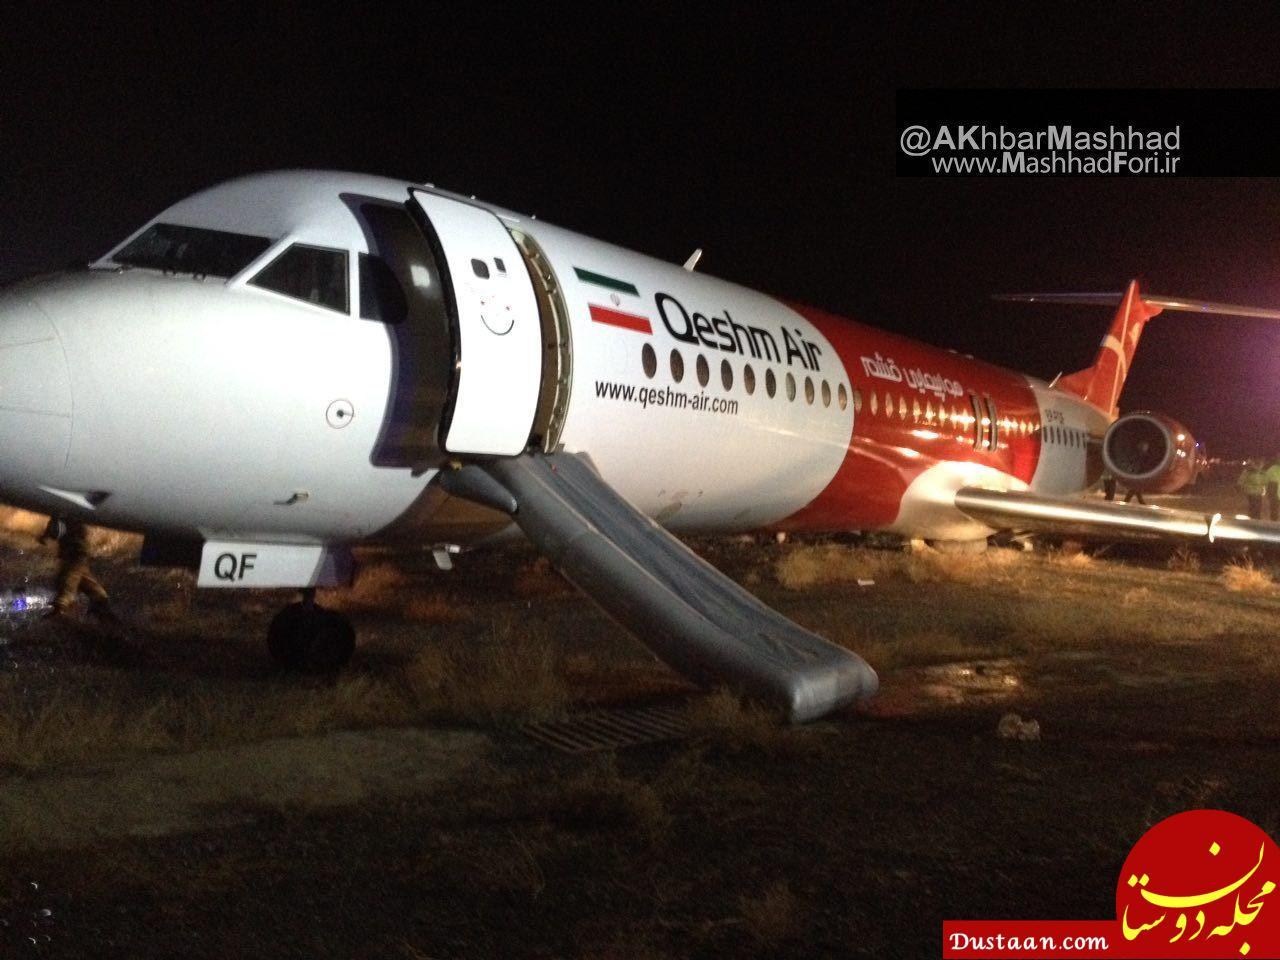 www.dustaan.com فرود اضطراری هواپیمای قشم ایر در مشهد +فیلم و عکس